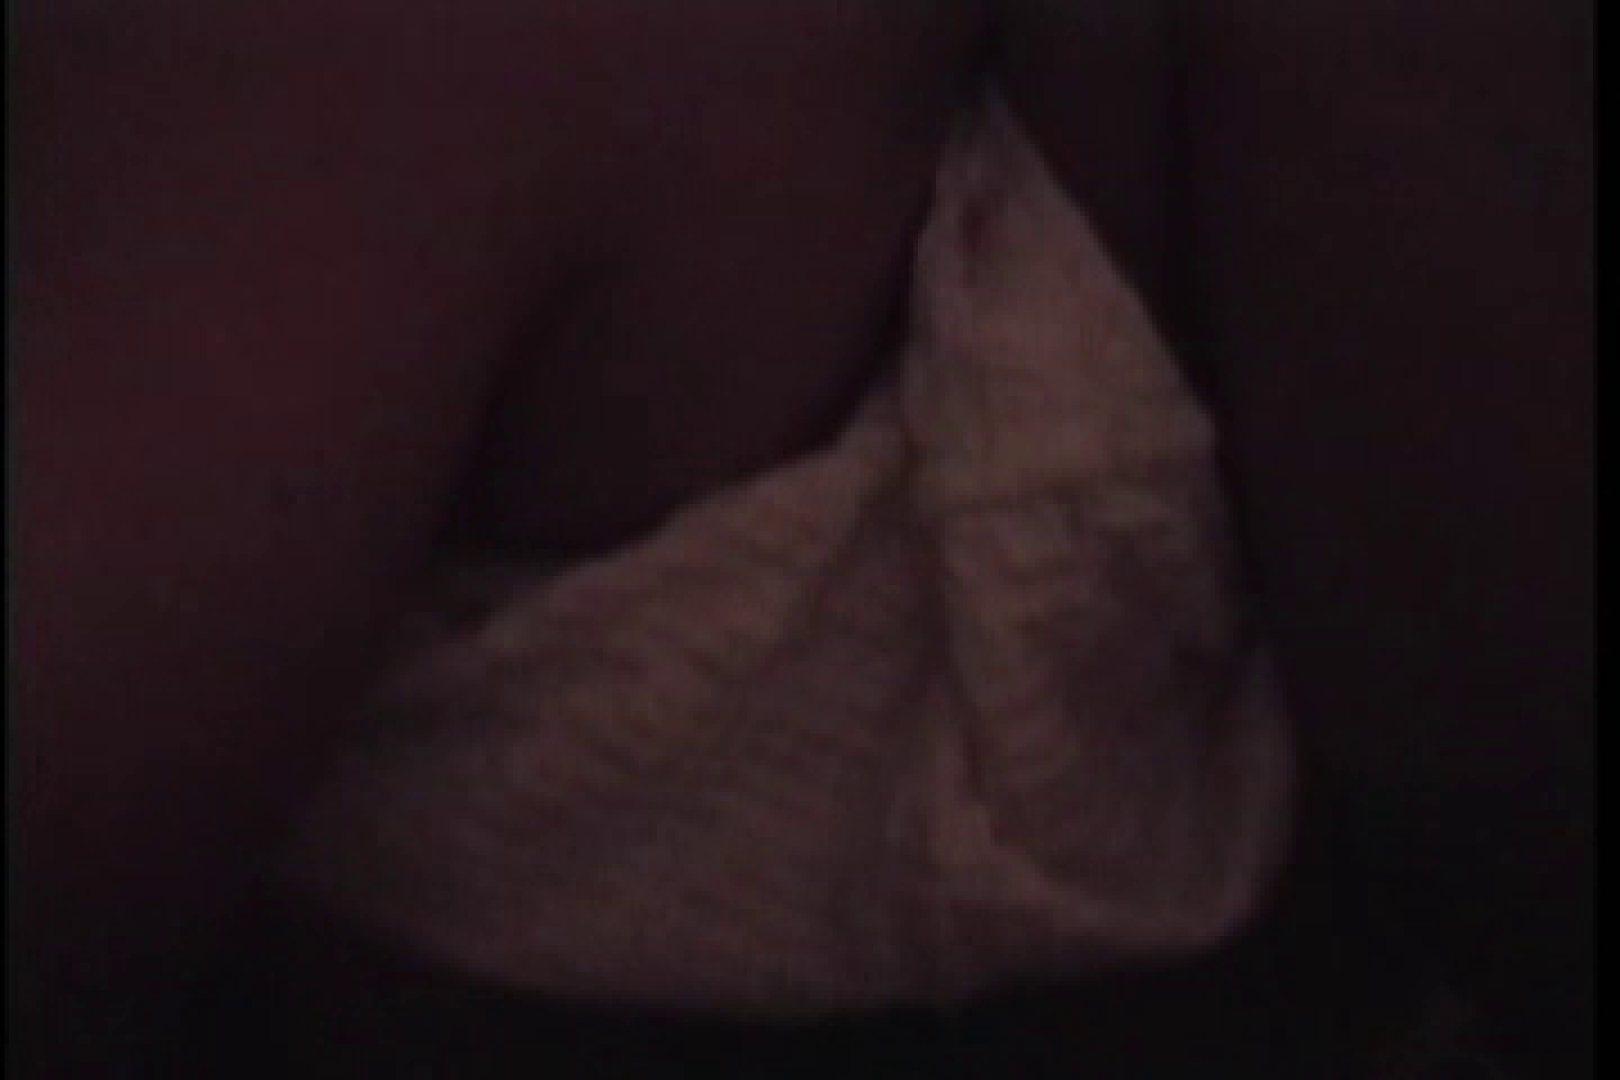 巨乳 乳首:素人嬢126人のハメ撮り 君崎:大奥